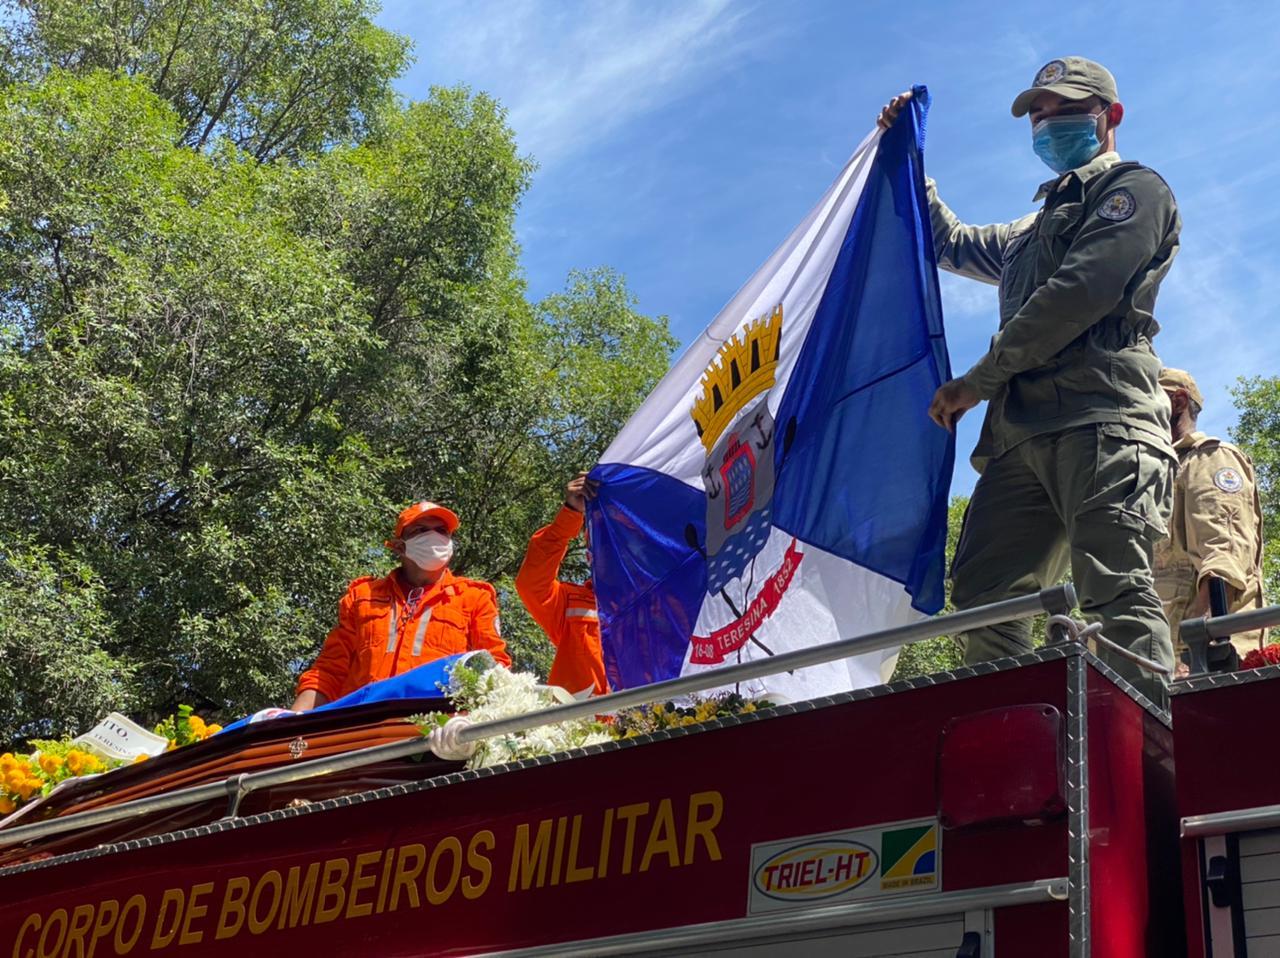 Corpo de Firmino Filho segue em cortejo em carro do Corpo de Bombeiros em Teresina (Foto: Raíssa Morais)